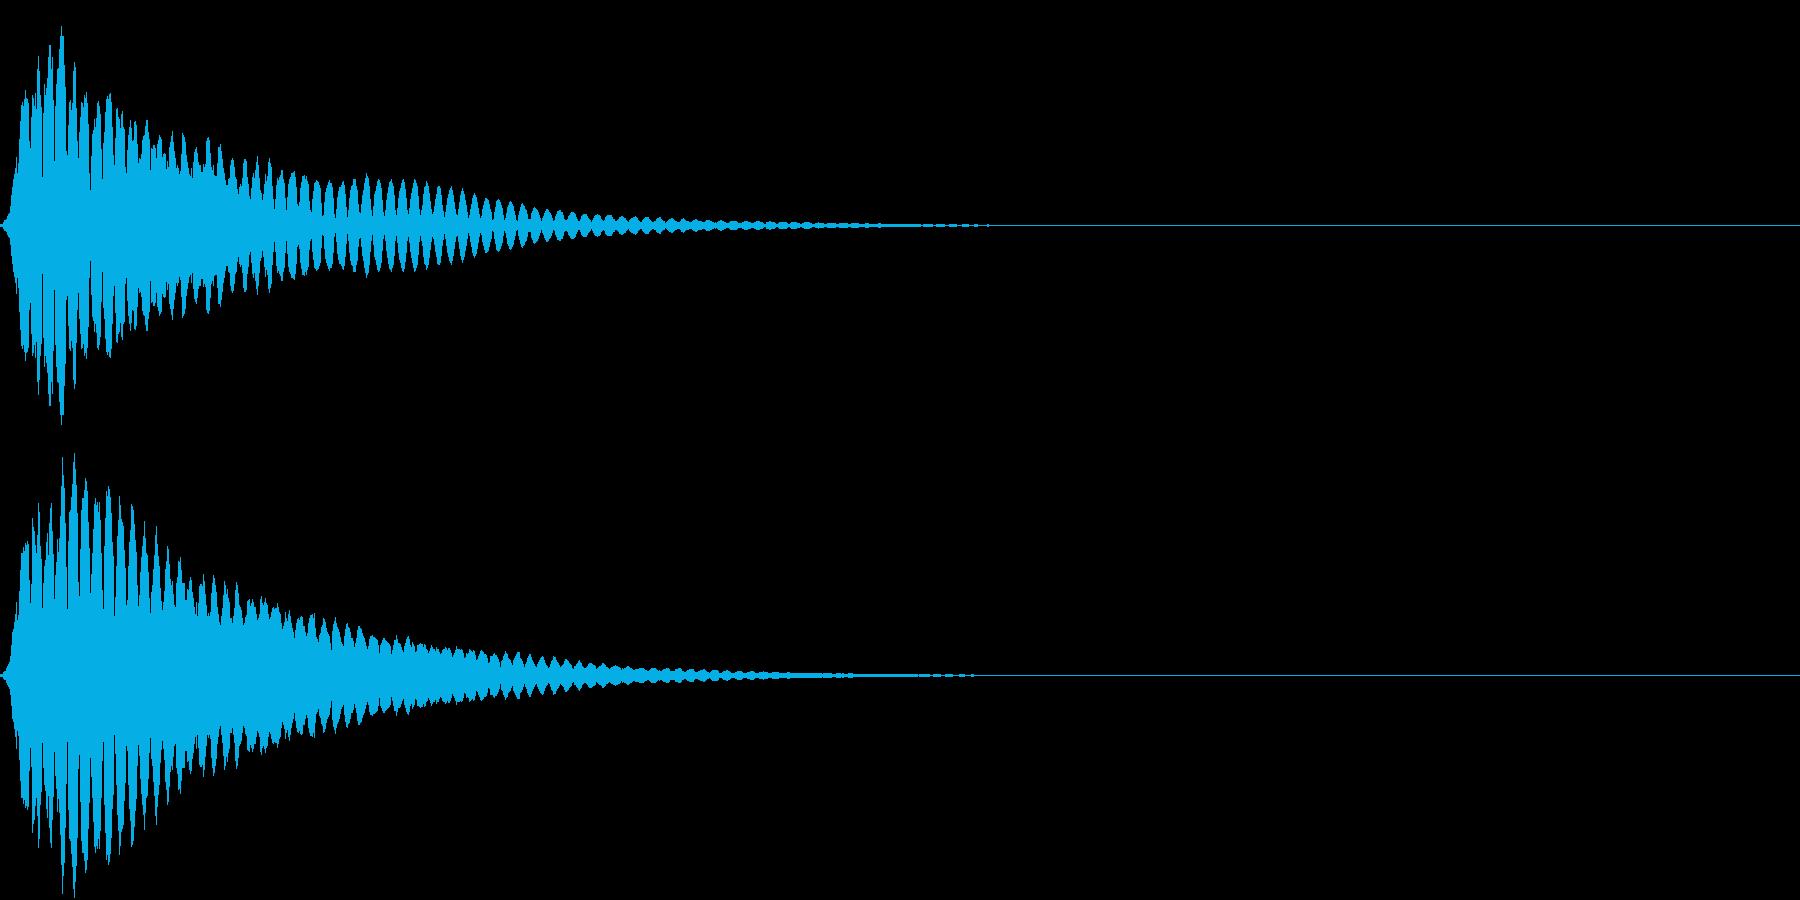 キュイン ボタン ピキーン キーン 20の再生済みの波形